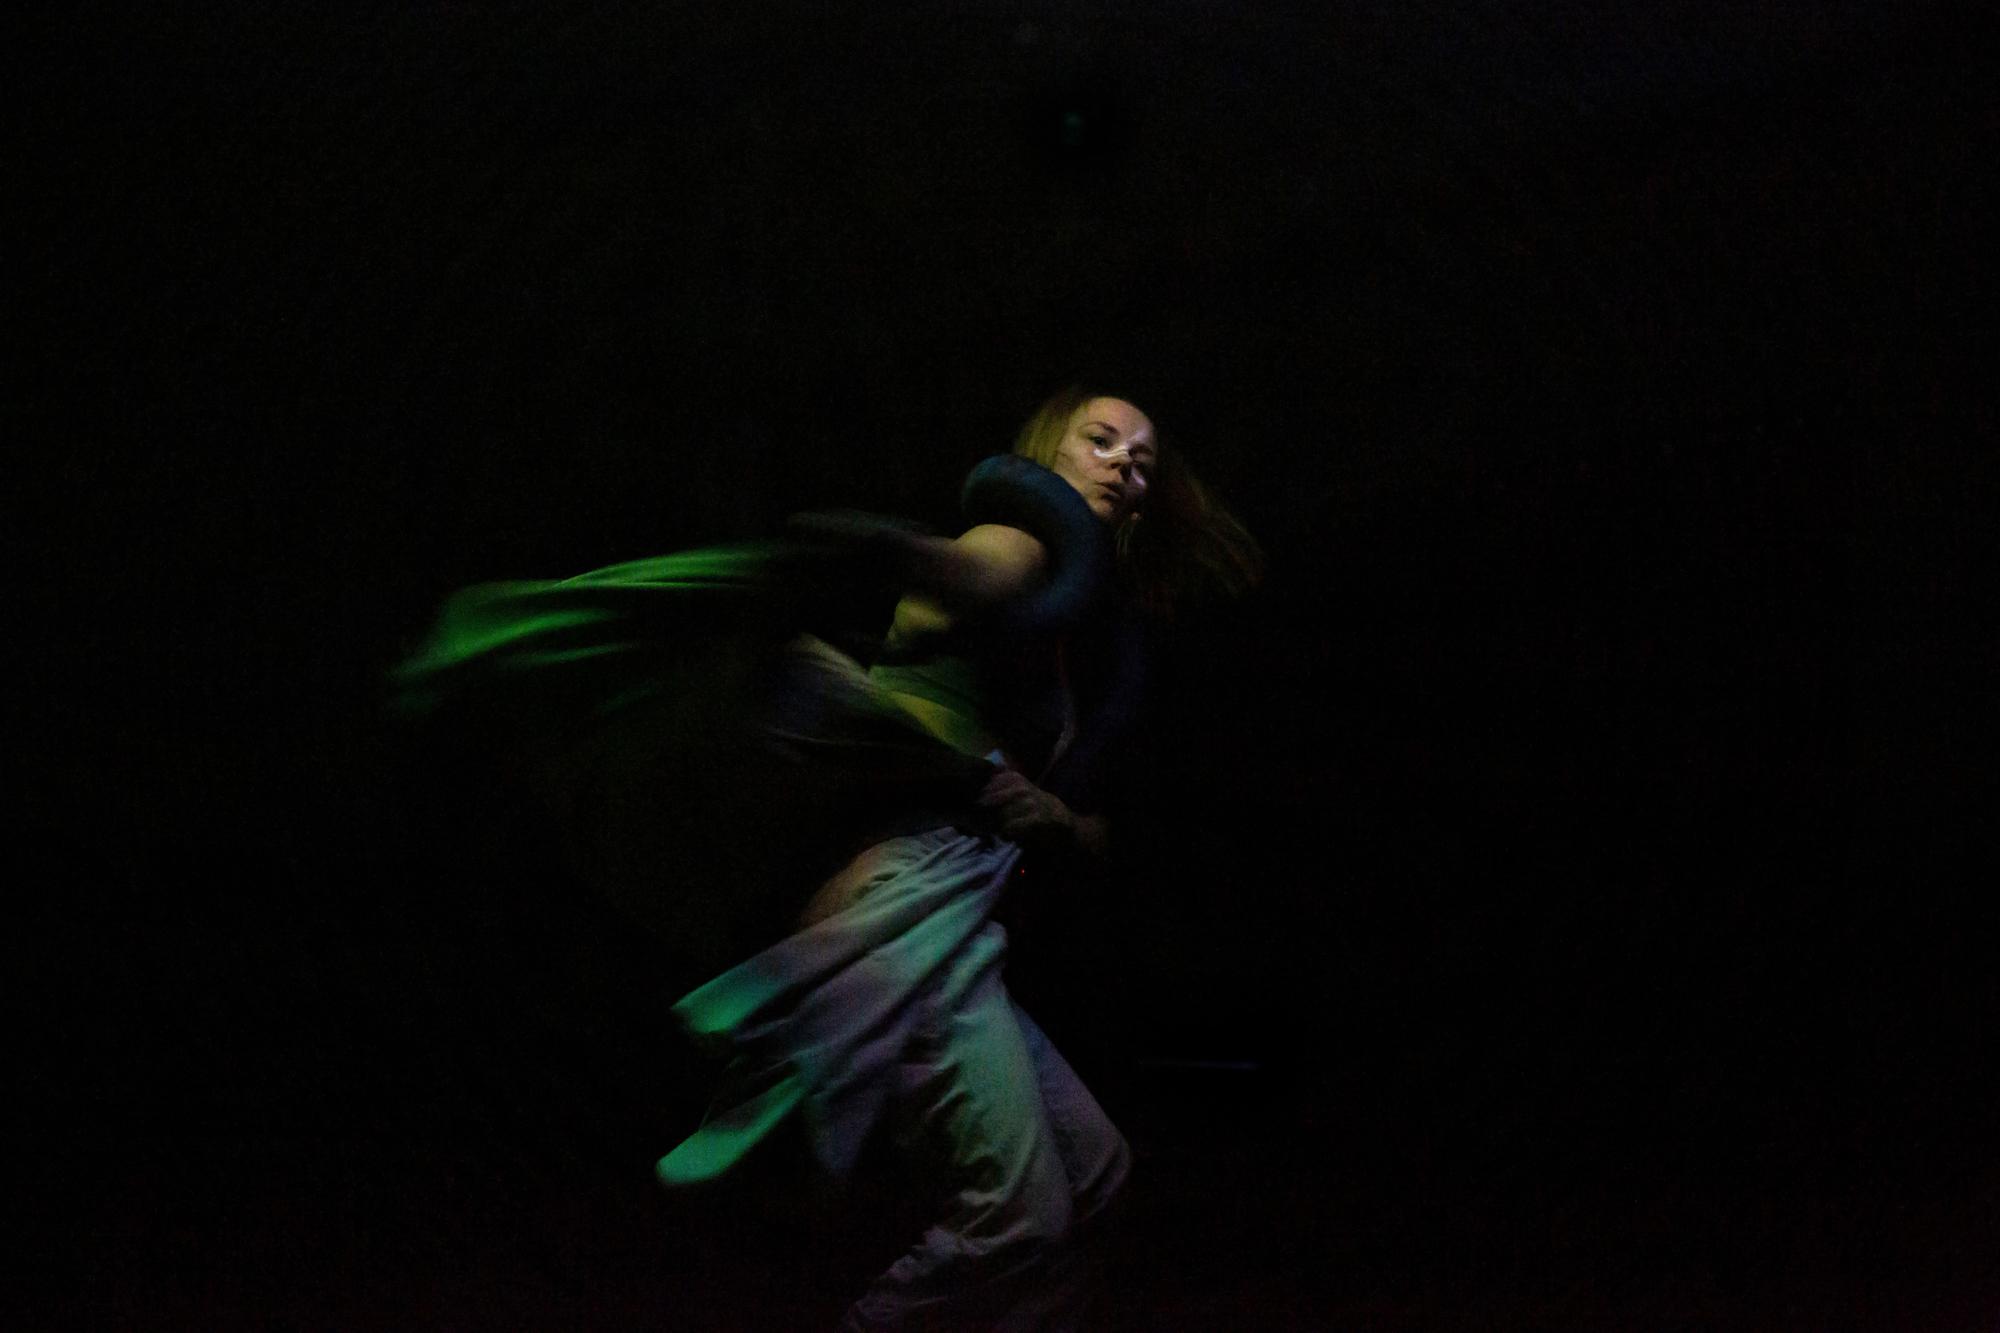 Costumed dancer against black backdrop